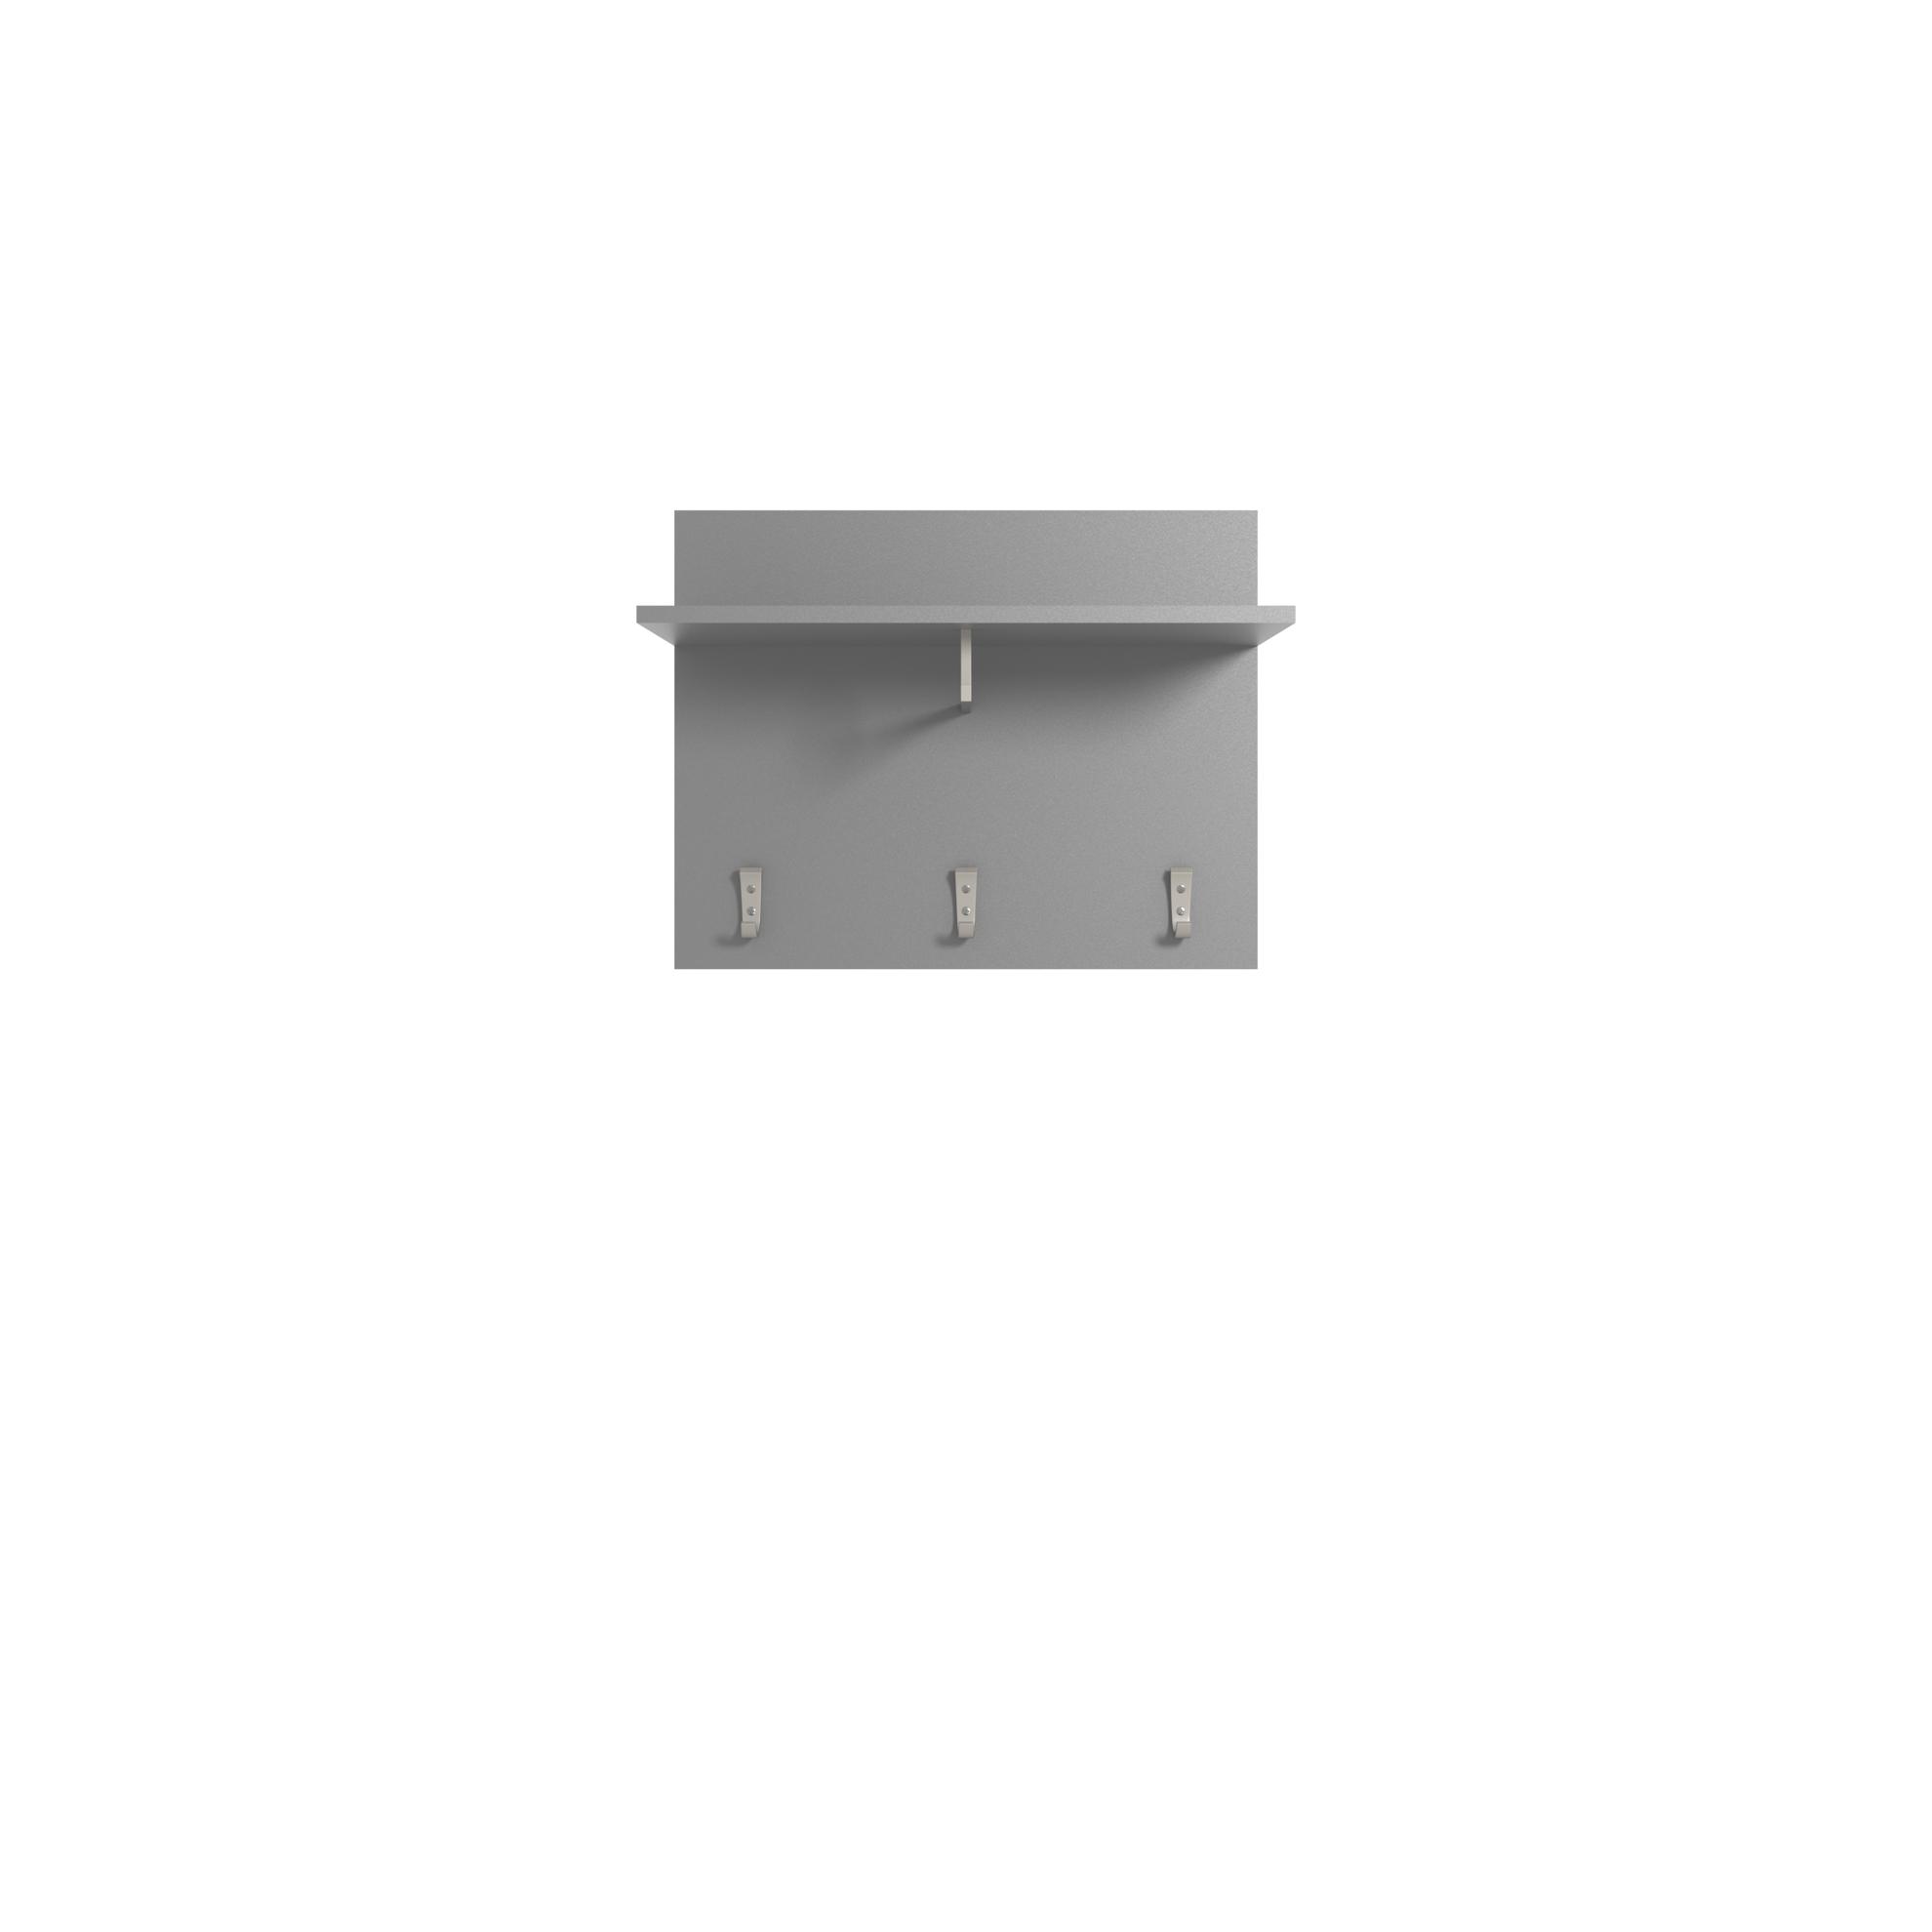 Picture of Hallway Arte Graphite 1